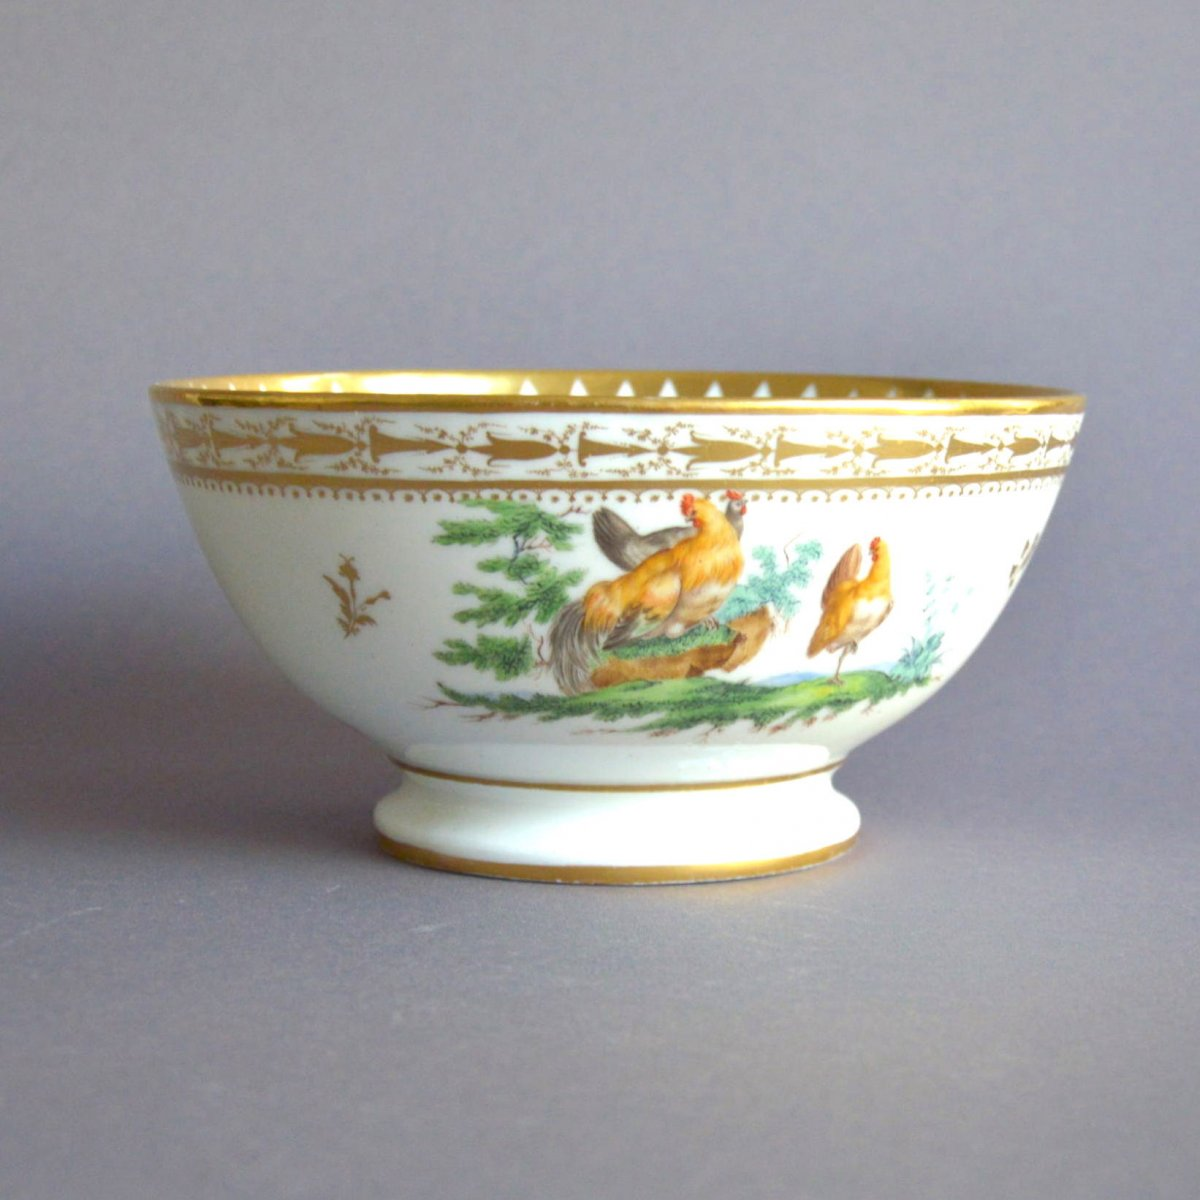 Coupe En Porcelaine De Vieux Bruxelles Dans Le Goût De Louis Cretté  Décor De Basse-cour 19ème